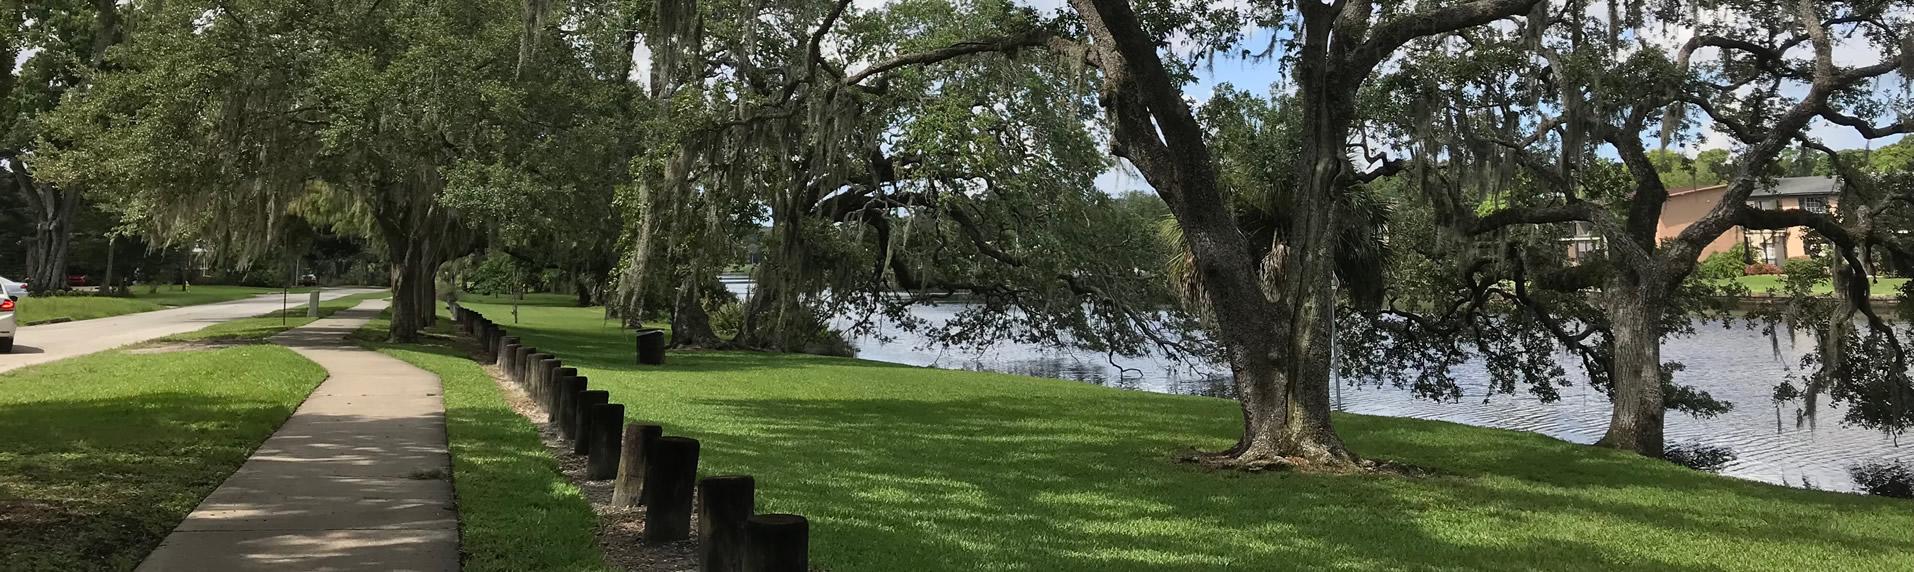 River greenway